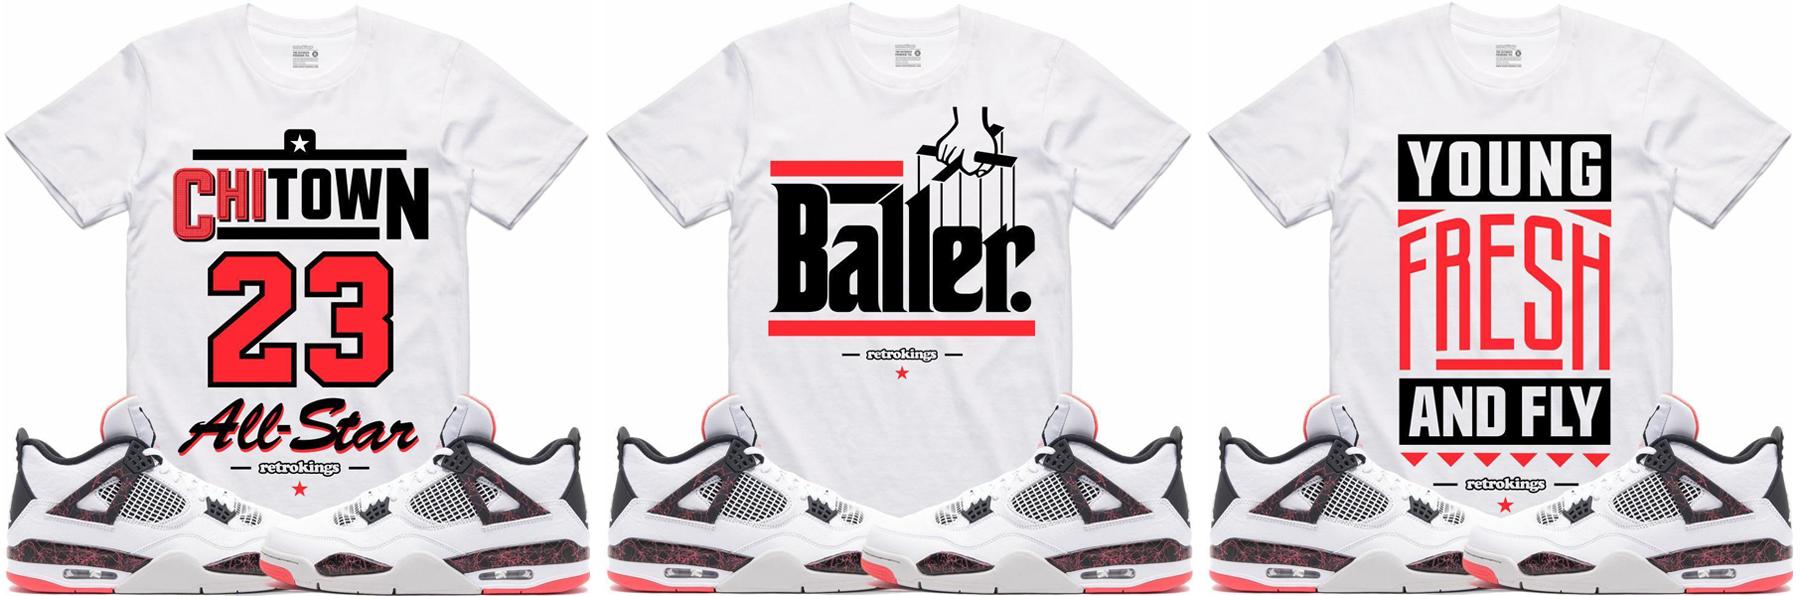 air-jordan-4-hot-lava-sneaker-tees-shirts